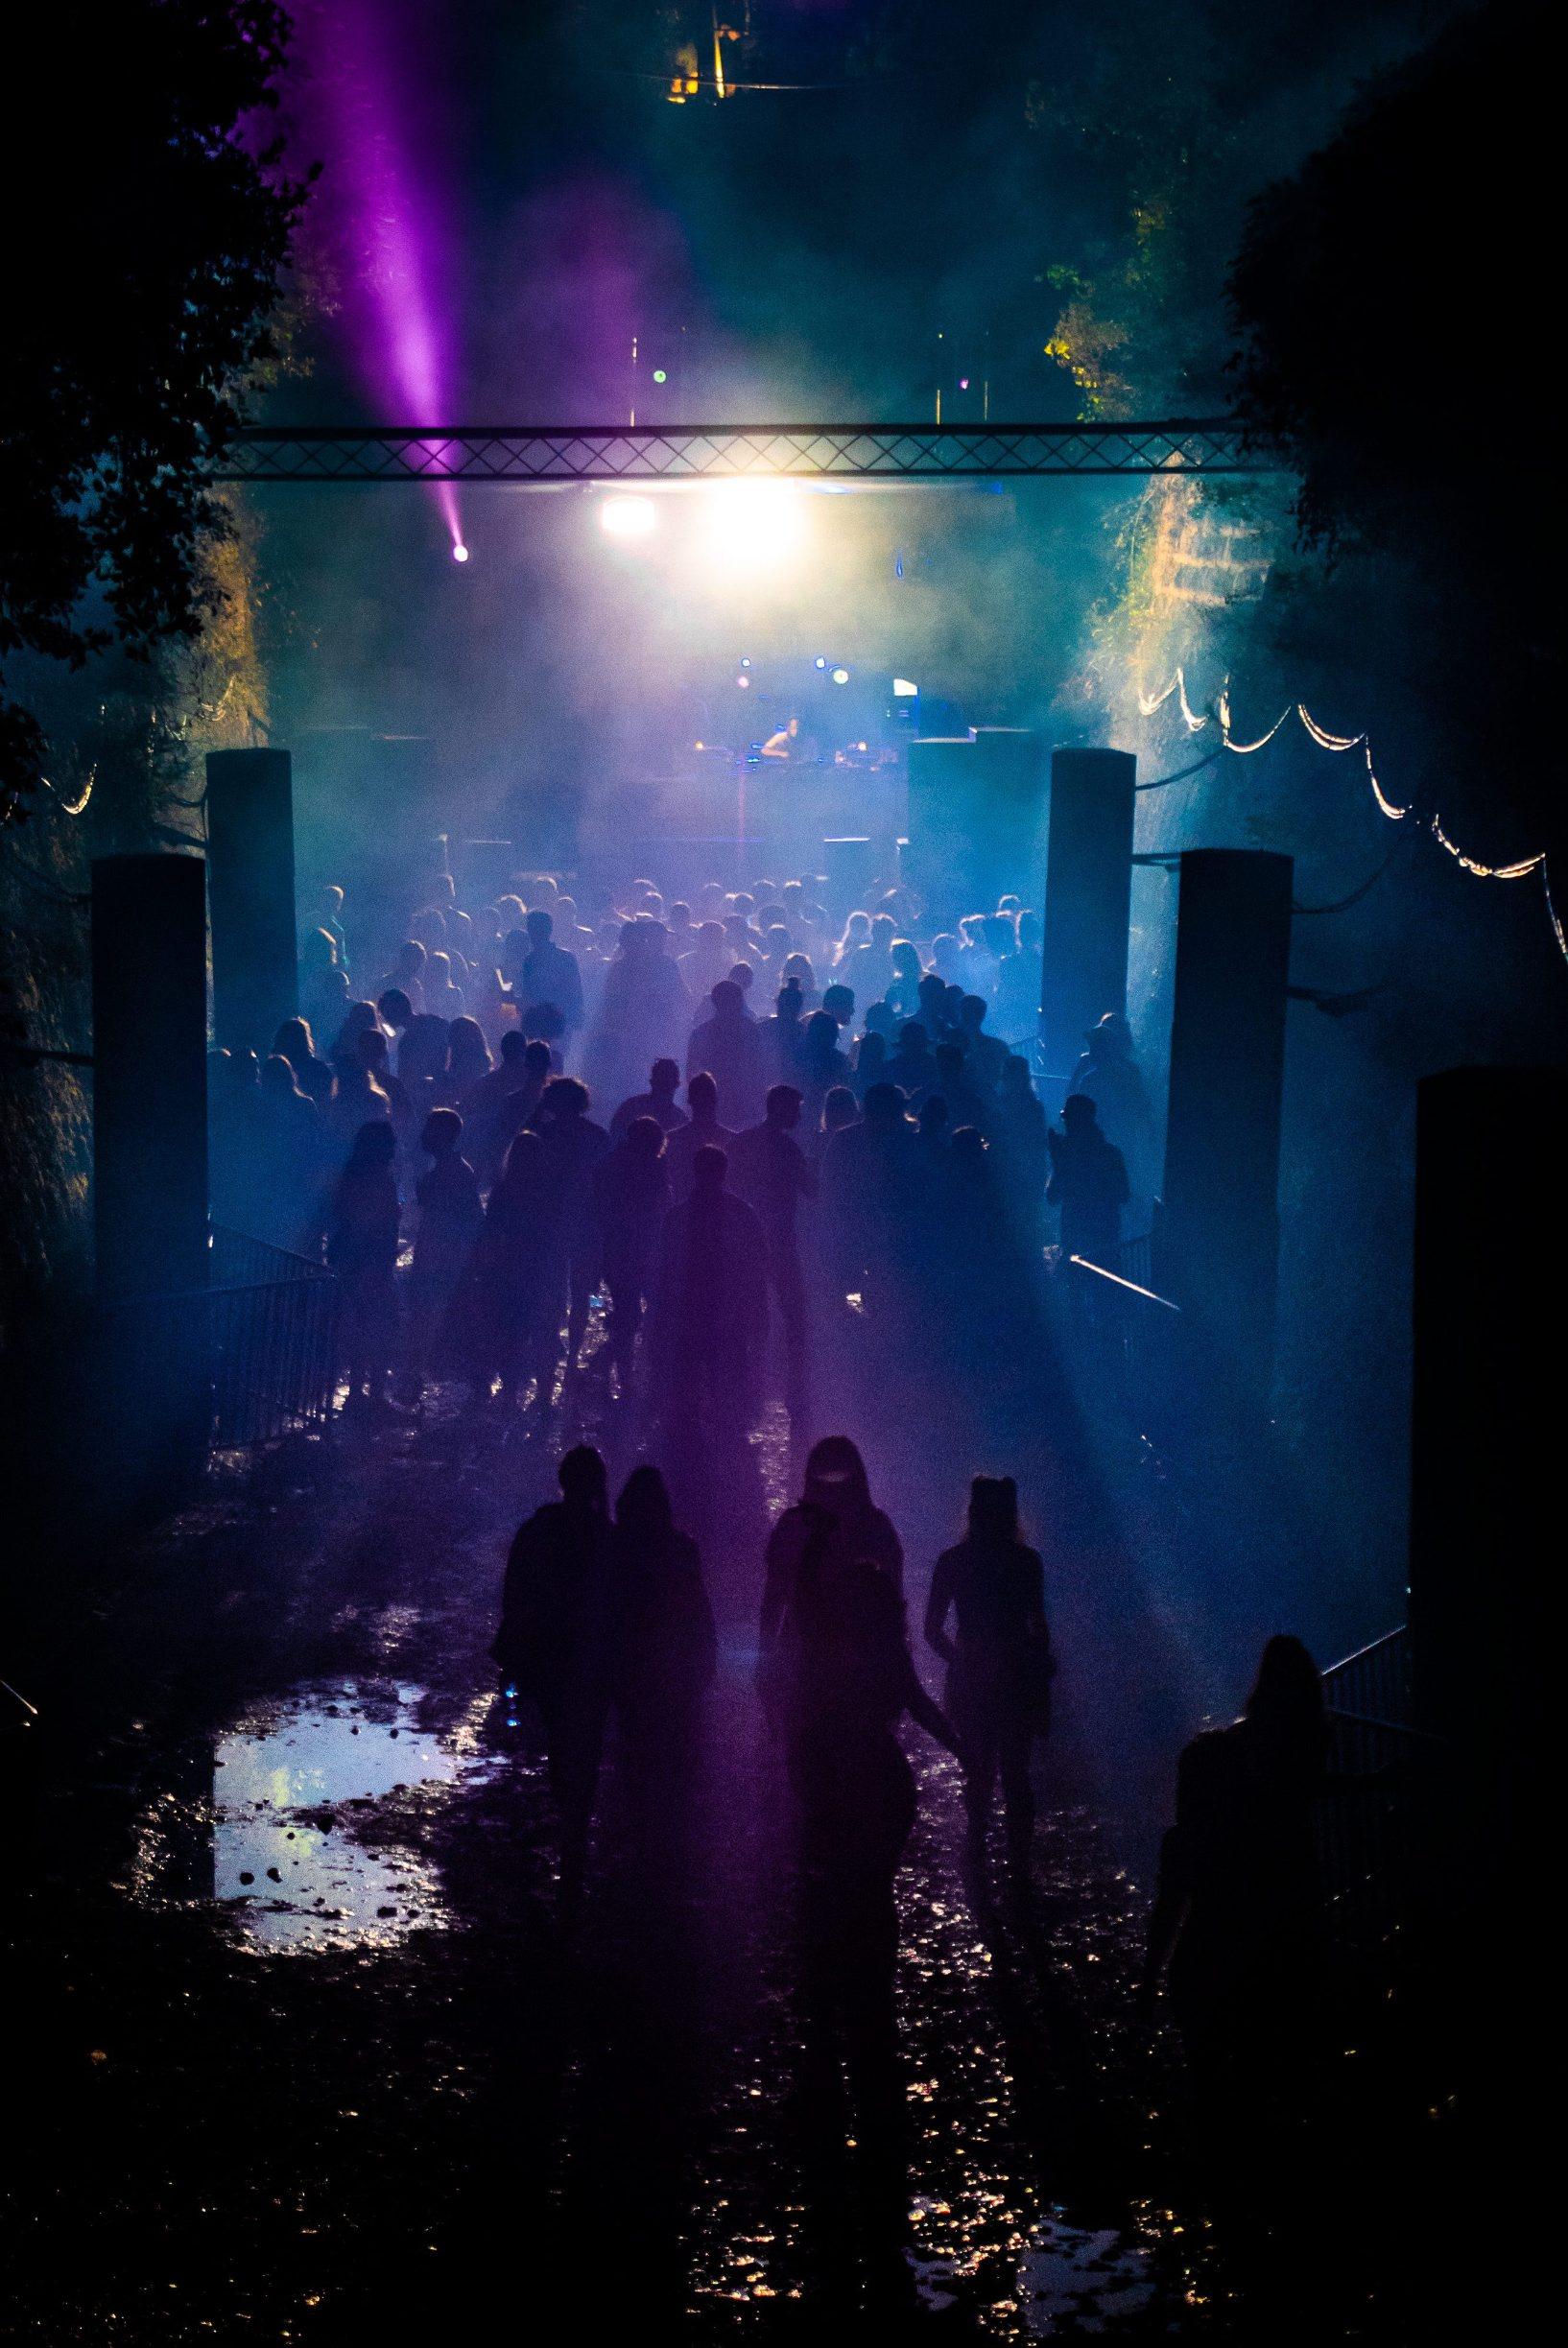 Stinjan, 070918.  Drugi dan 11. izdanja Outlook festivala na tvrdavi Punta Christo u Stinja na kojem nastupaju najpoznatija imena reggae, dubstep, jungle i bass glazbe. Foto: Danijel Bartolic / CROPIX